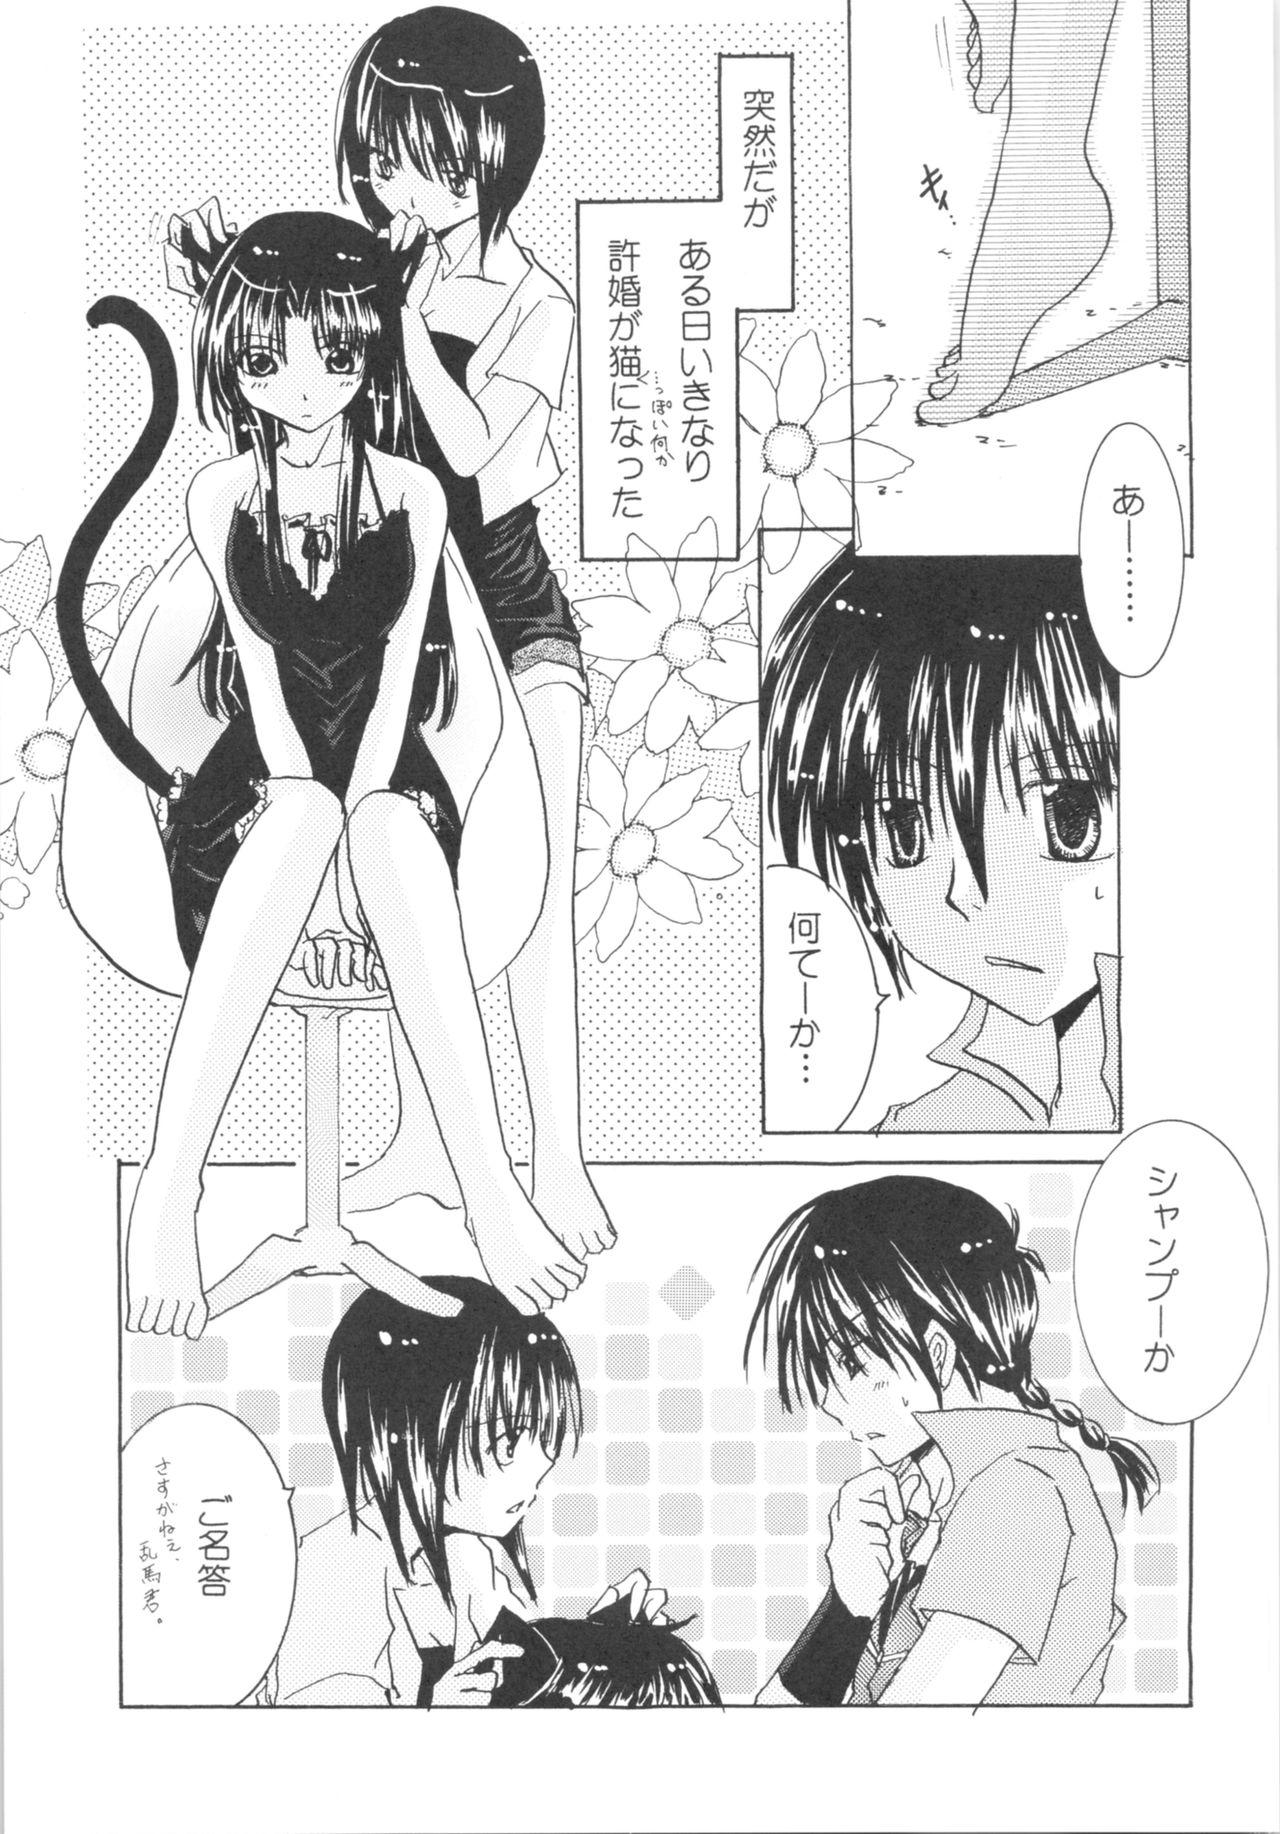 Iinazuke ga Neko ni Narimashite. 3